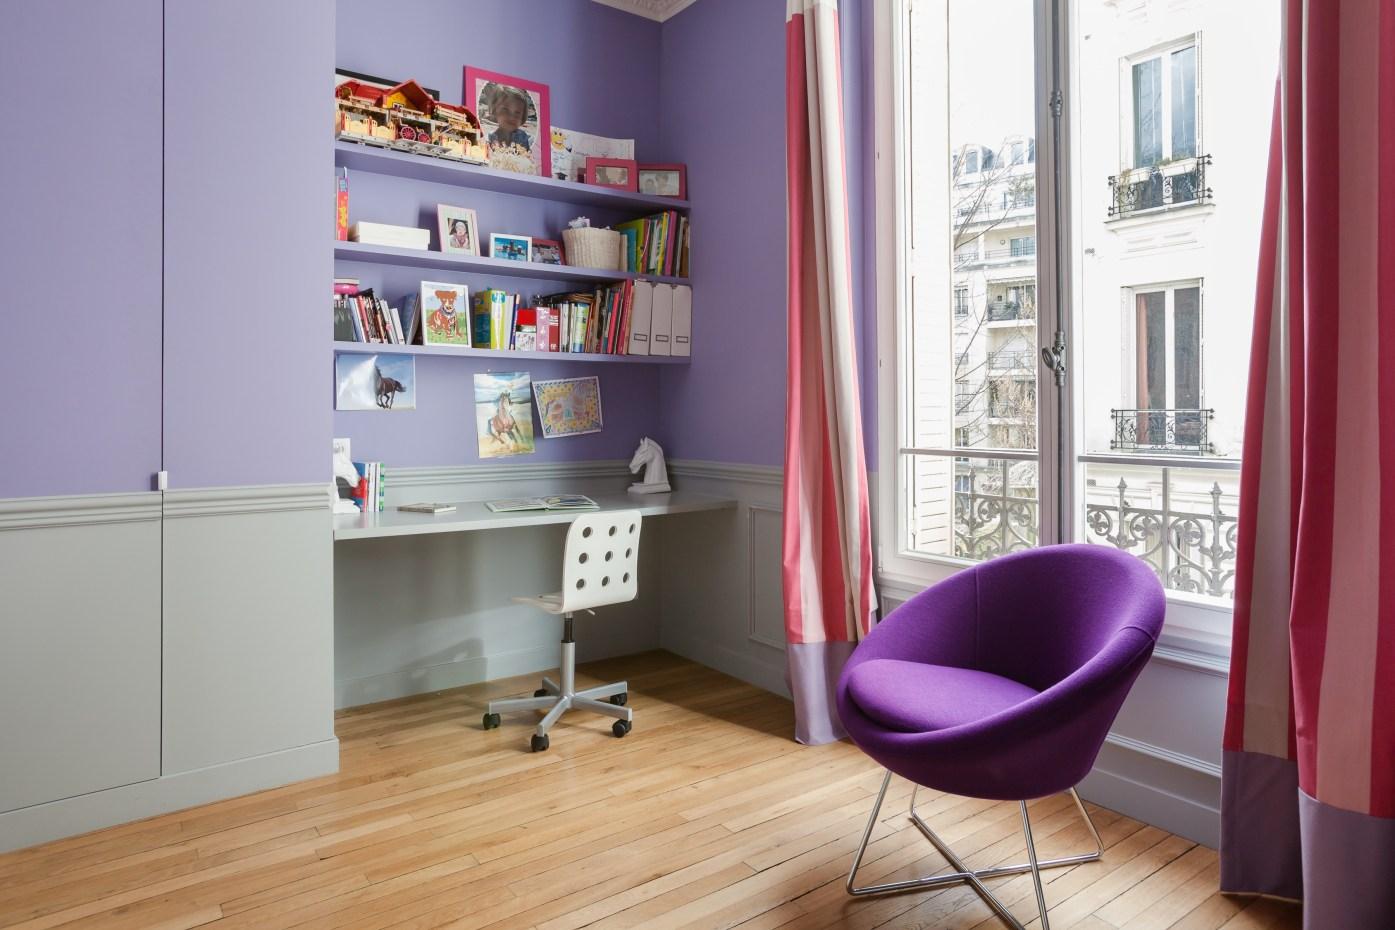 детская комната стол книжные полки